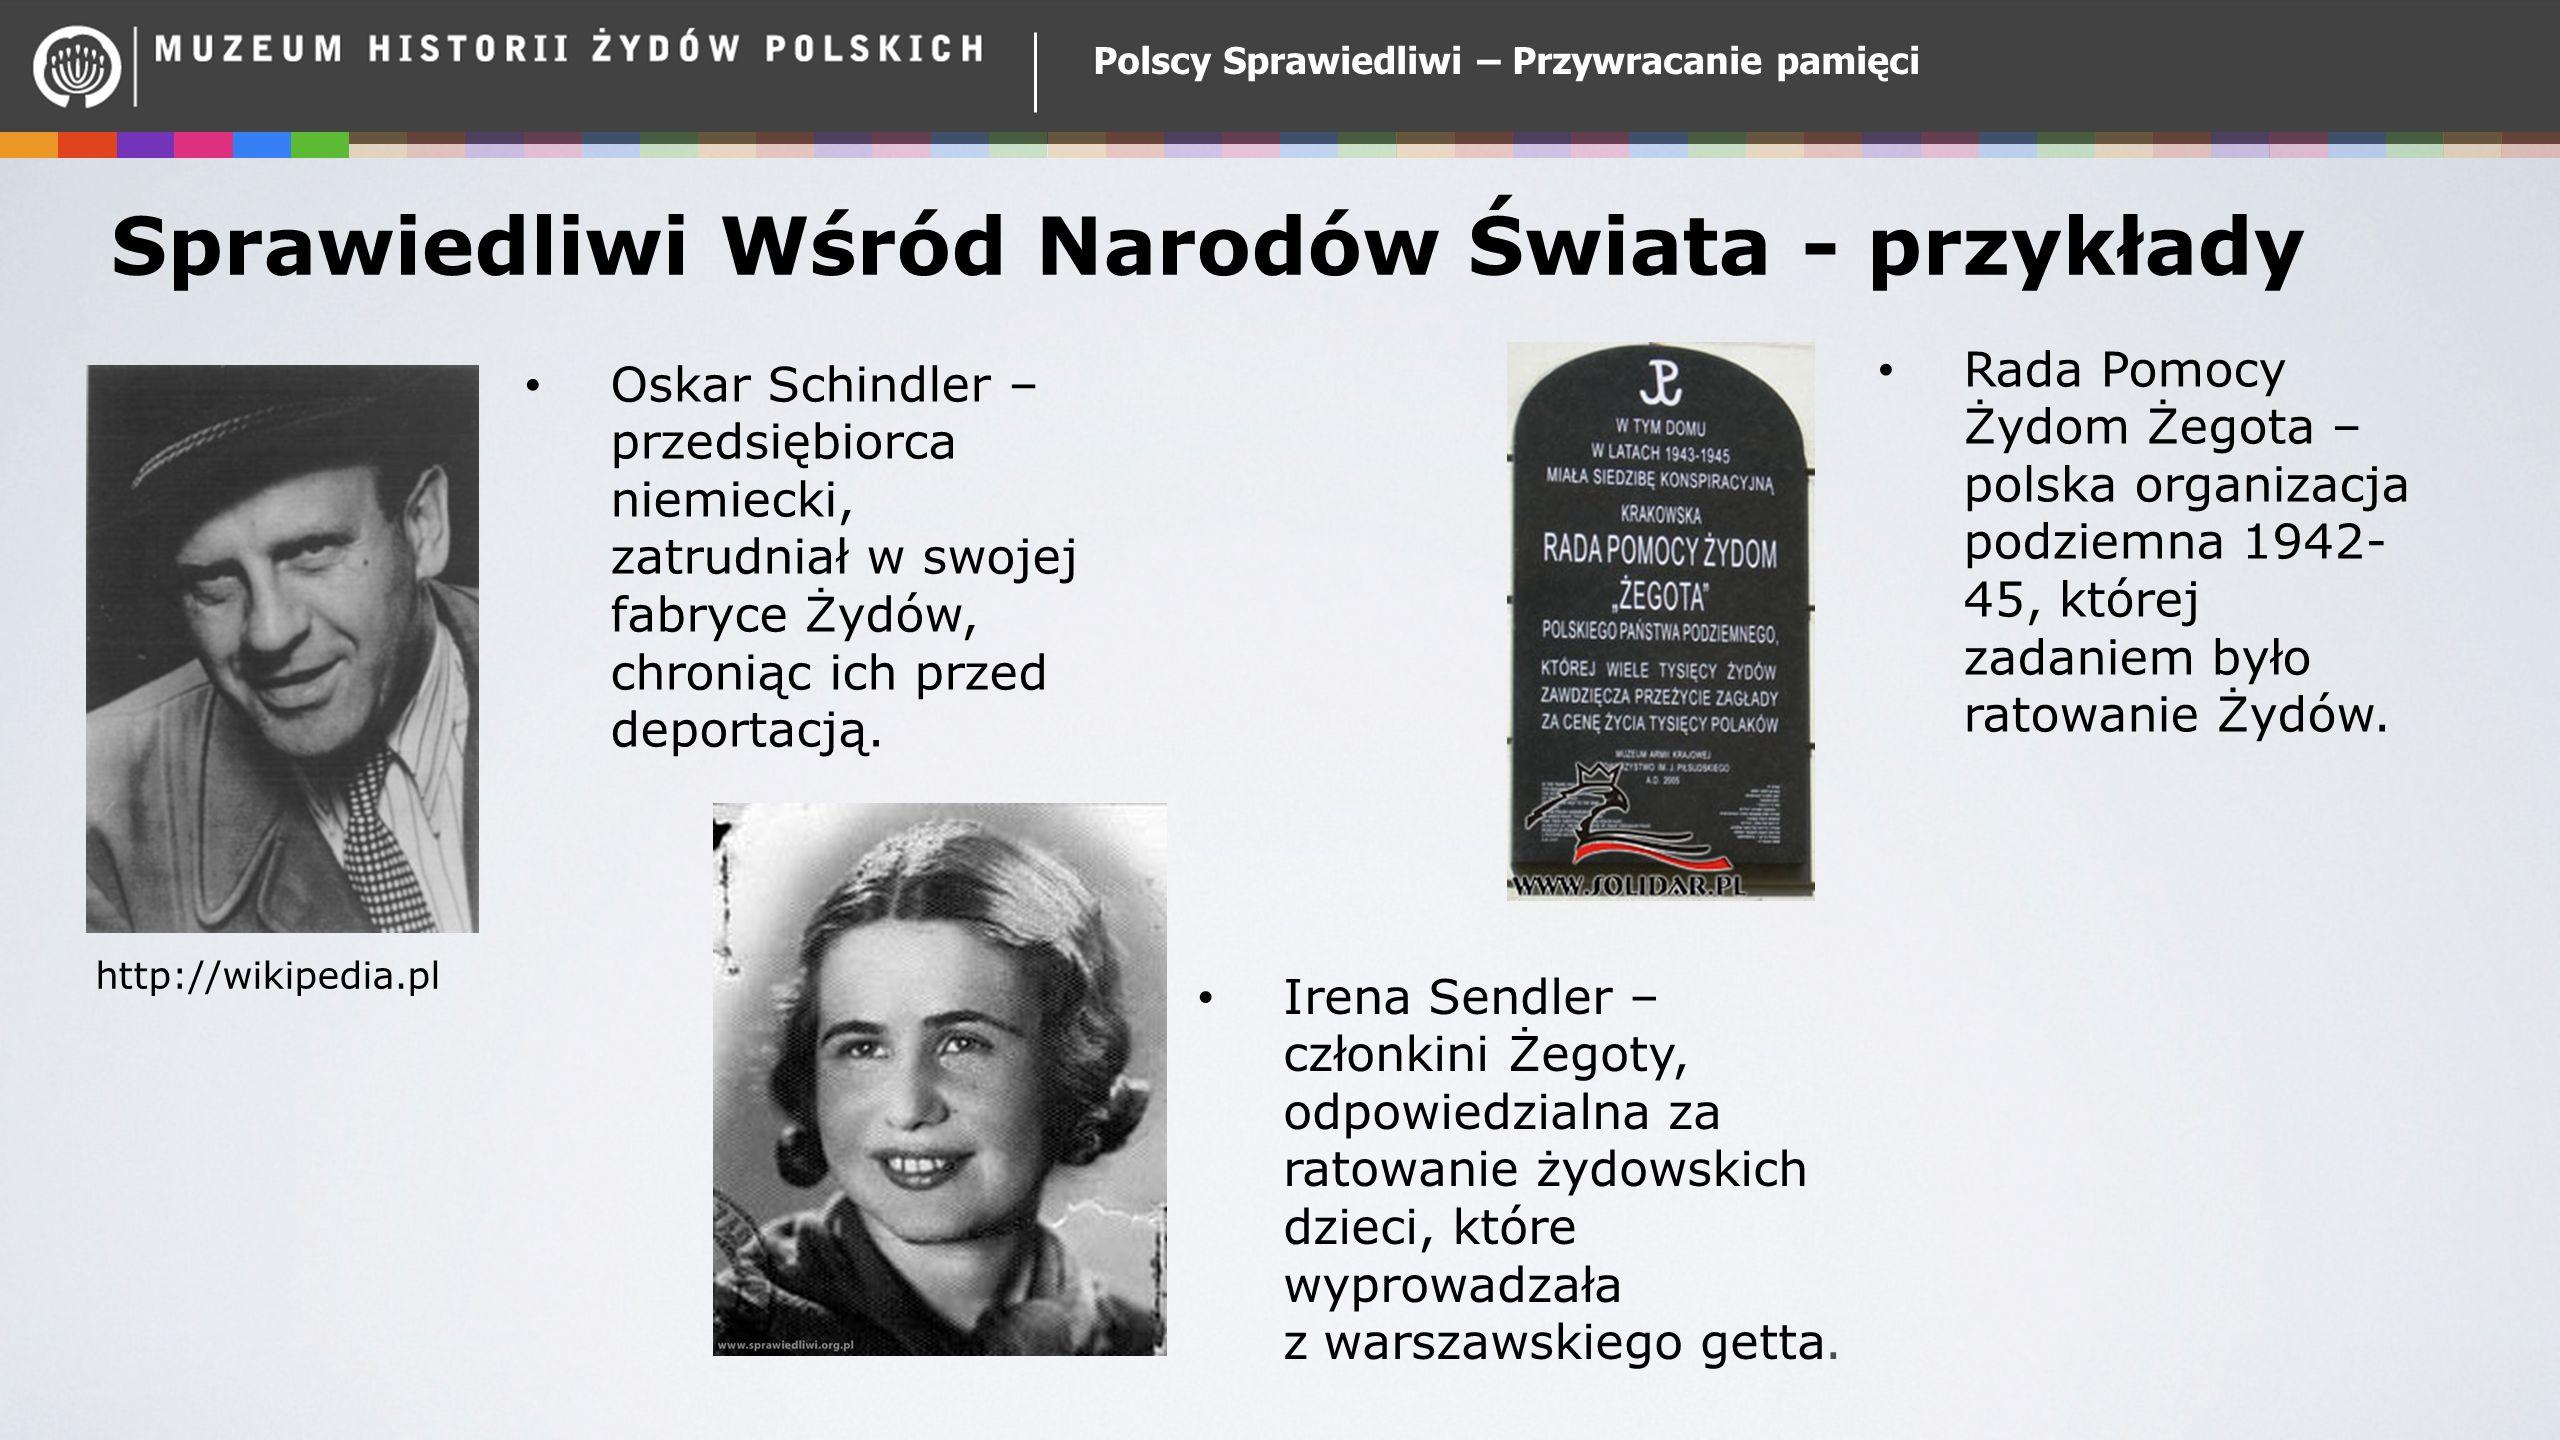 Polscy Sprawiedliwi – Przywracanie pamięci Sprawiedliwi Wśród Narodów Świata - przykłady Oskar Schindler – przedsiębiorca niemiecki, zatrudniał w swojej fabryce Żydów, chroniąc ich przed deportacją.